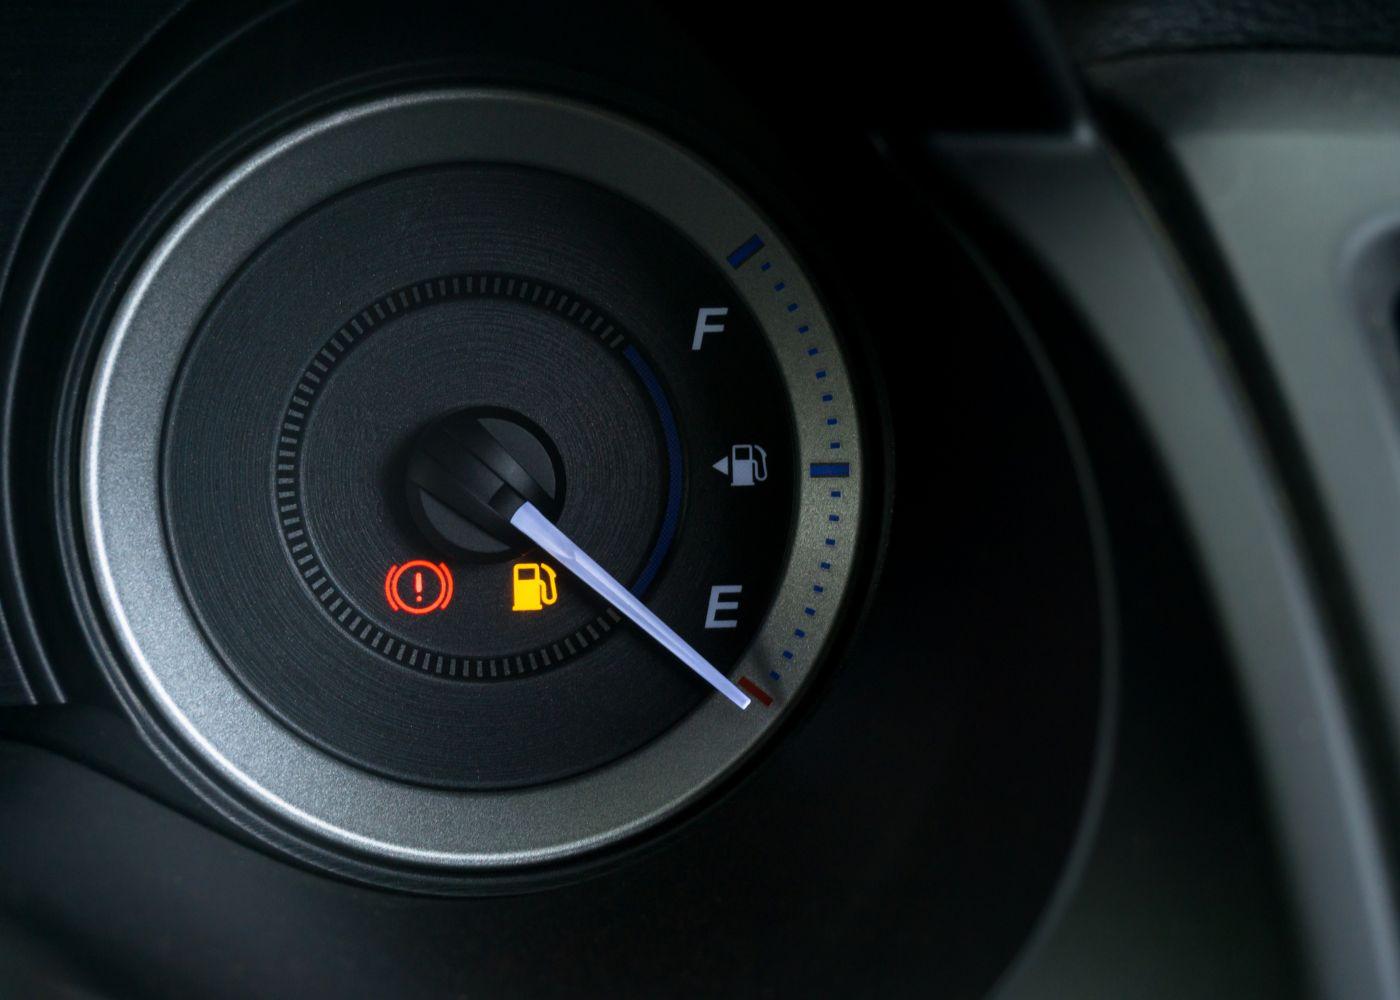 painel do carro a mostrar que luz da reserva acendeu